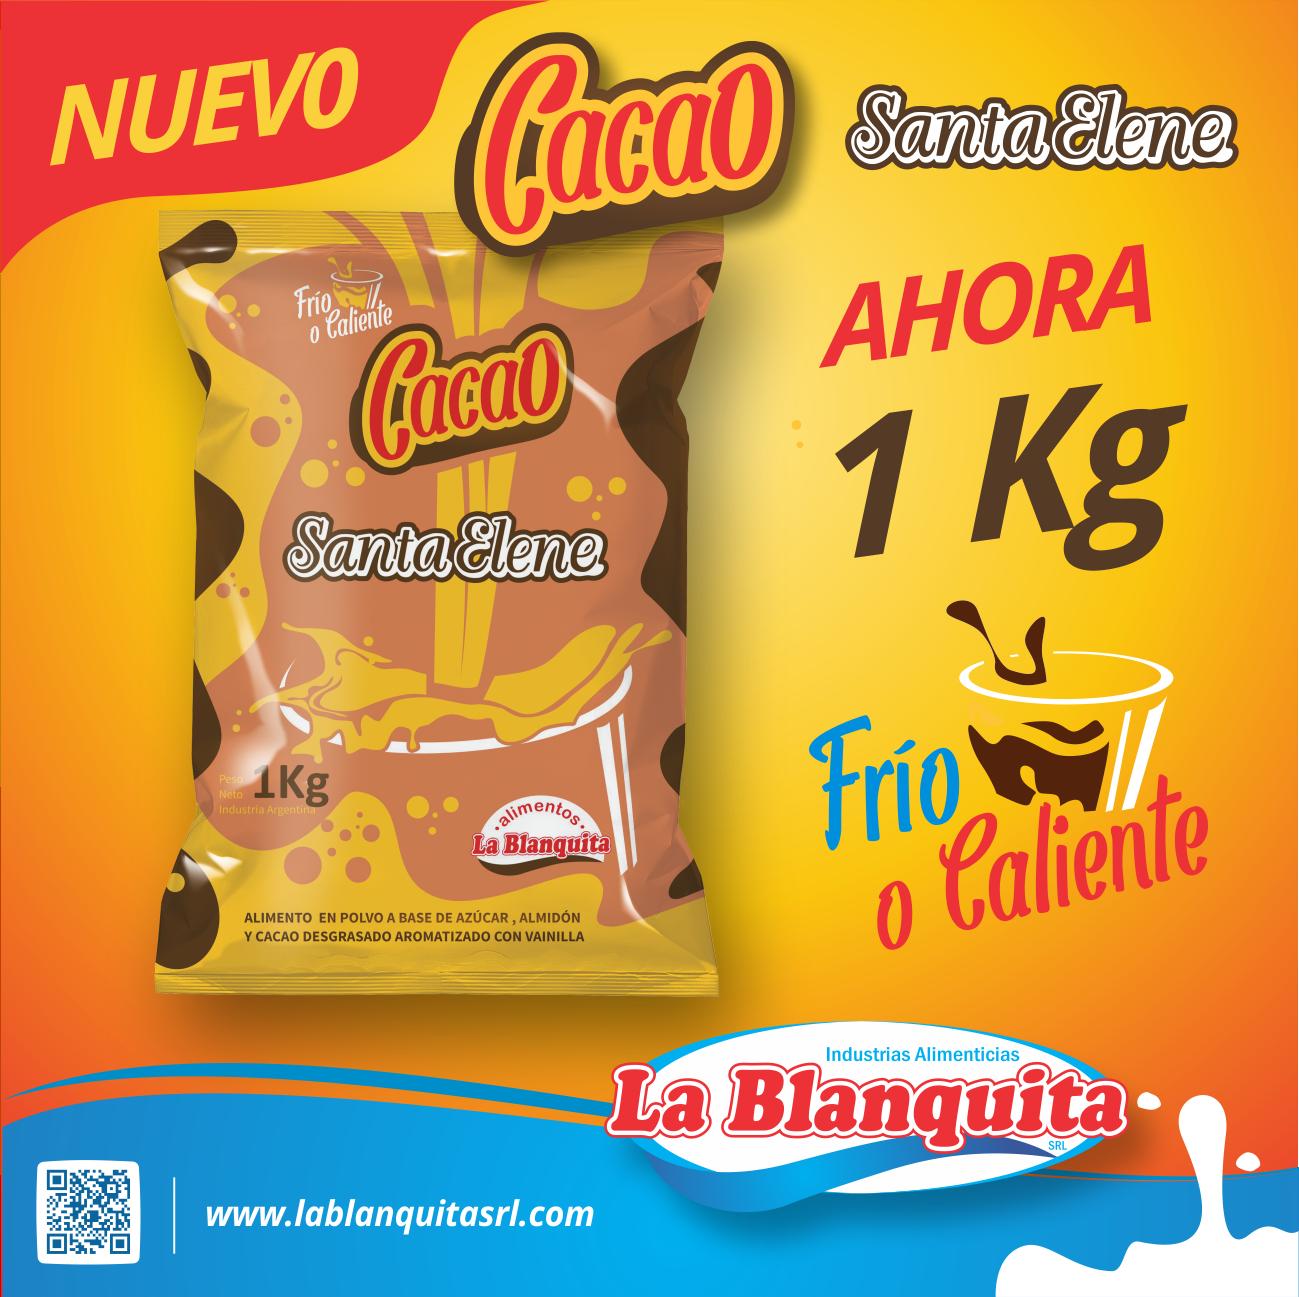 NUEVO CACAO DE 1 KG